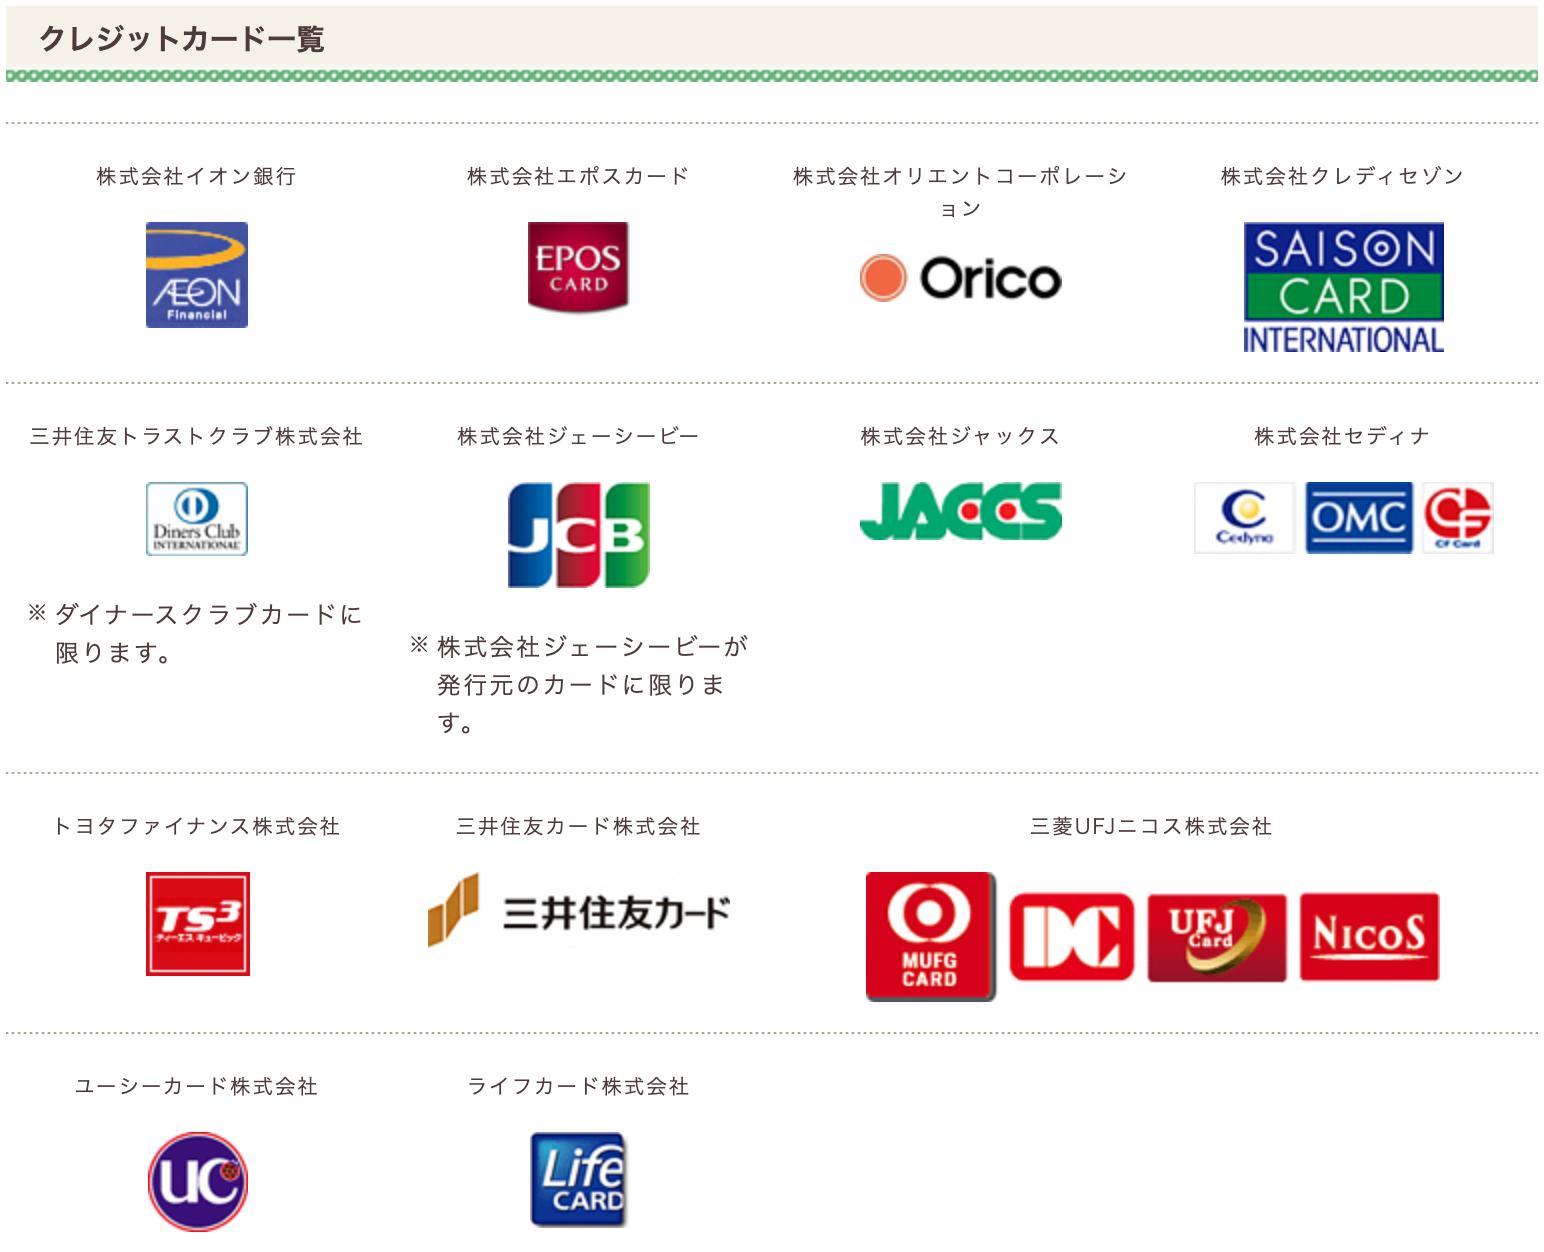 信用情報,信用,CIC,信用,開示,閲覧,方法,クレジット,支払